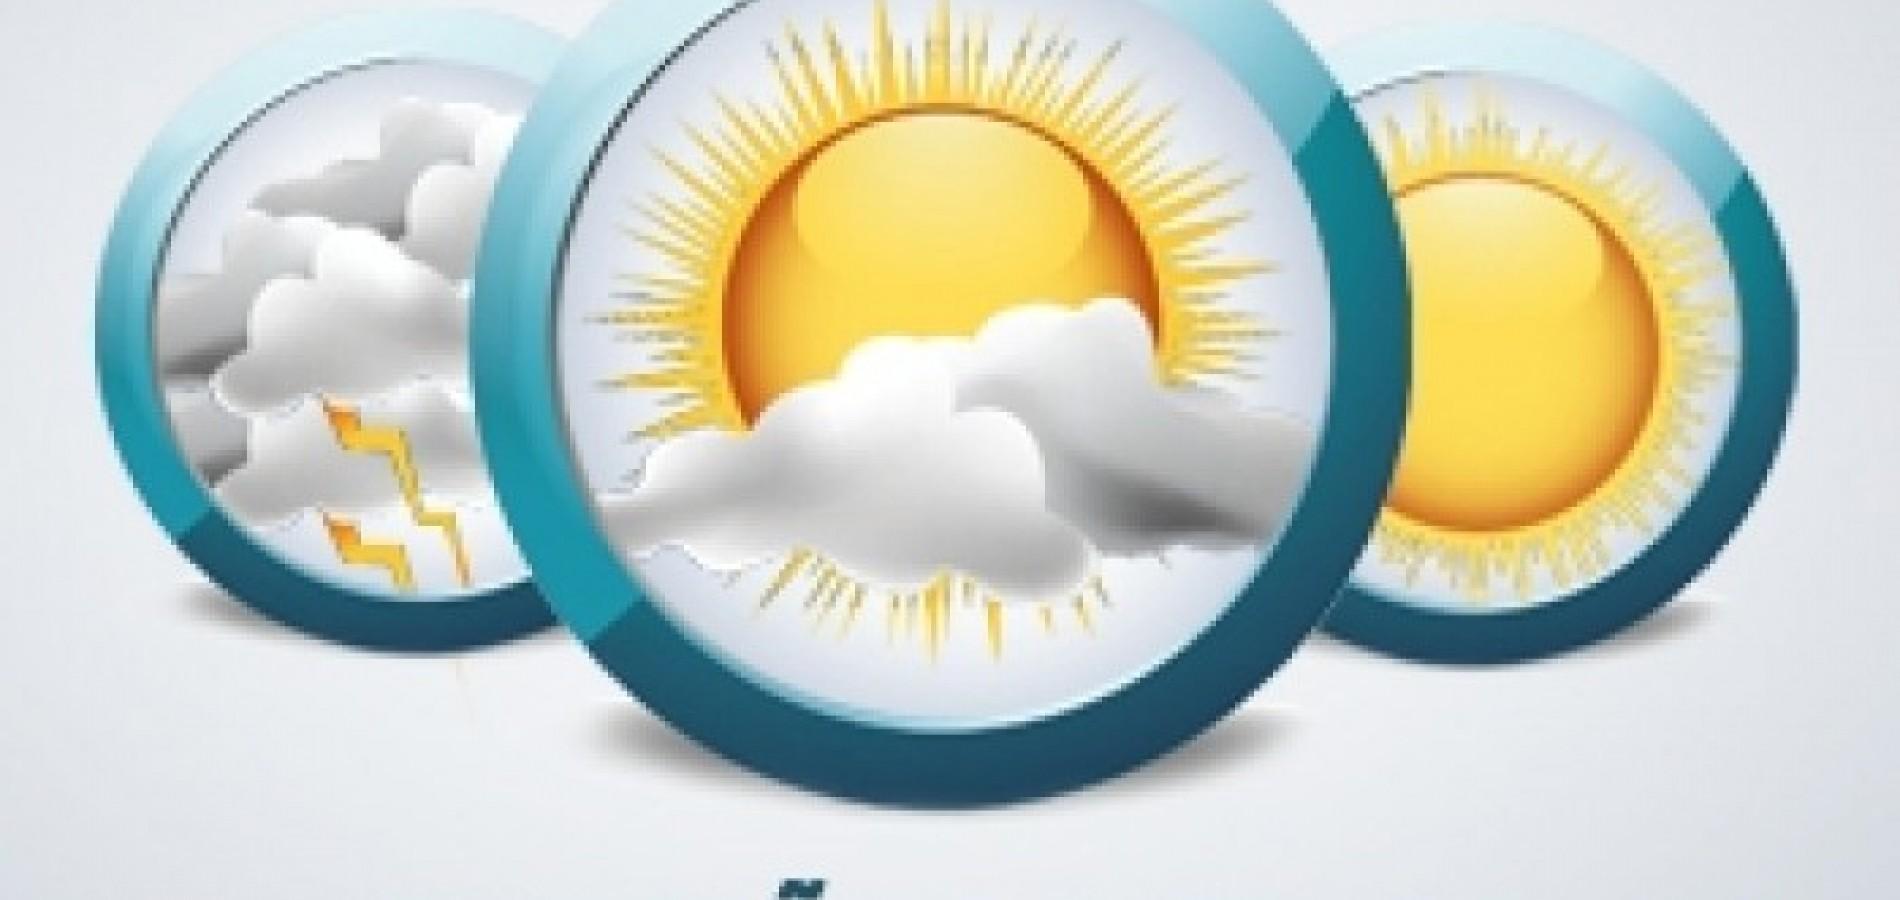 Previsão do tempo aponta chuvas para os próximos meses na região de Picos